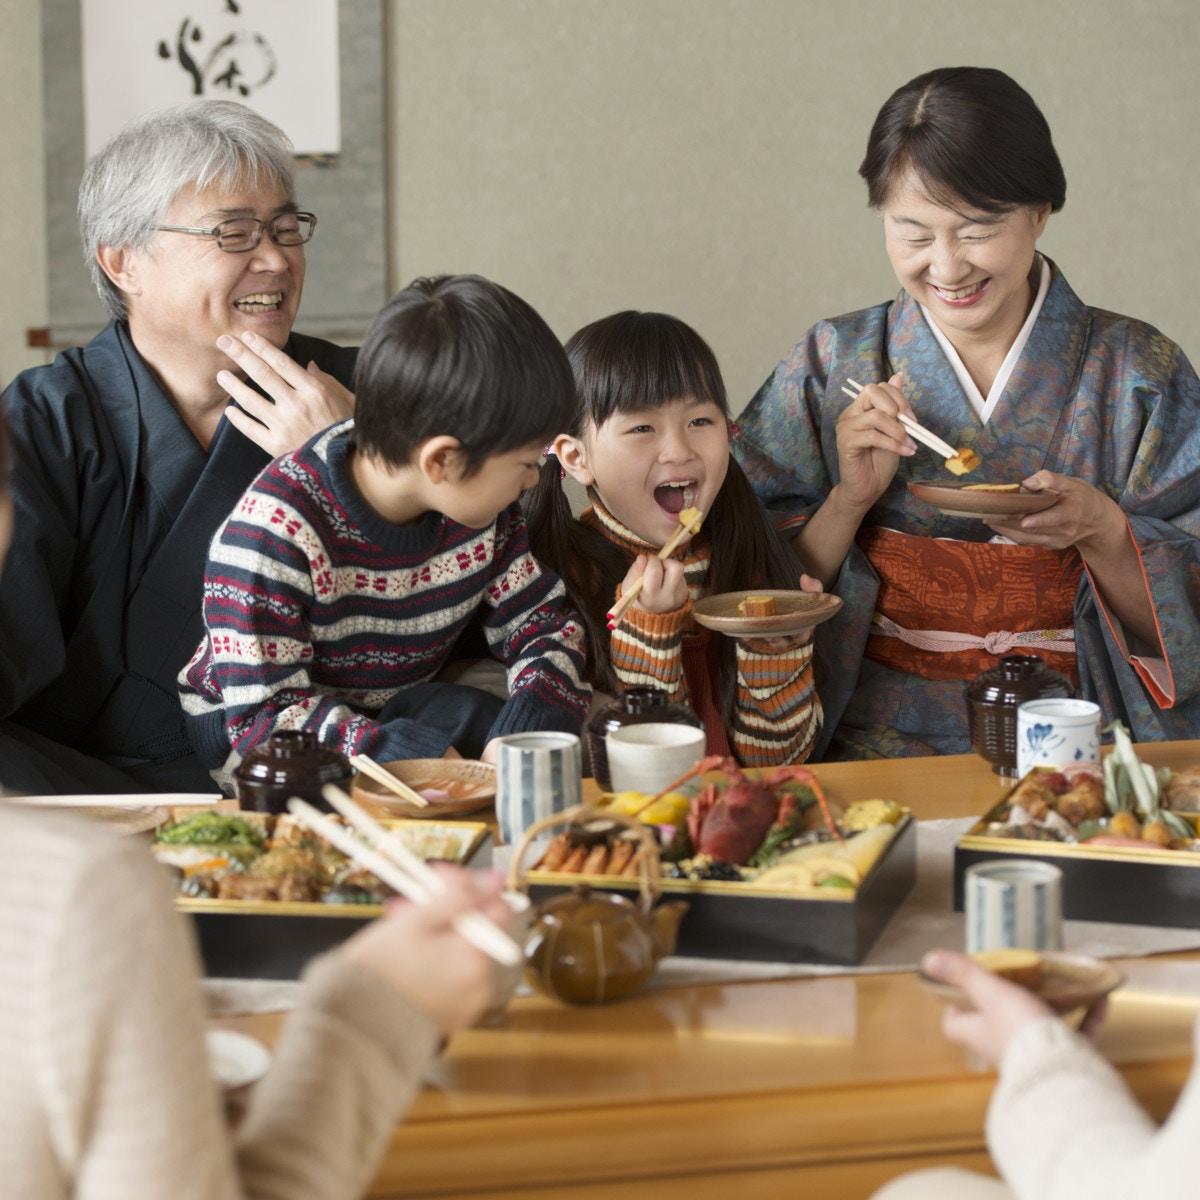 祖父母と食事を楽しむ孫たち